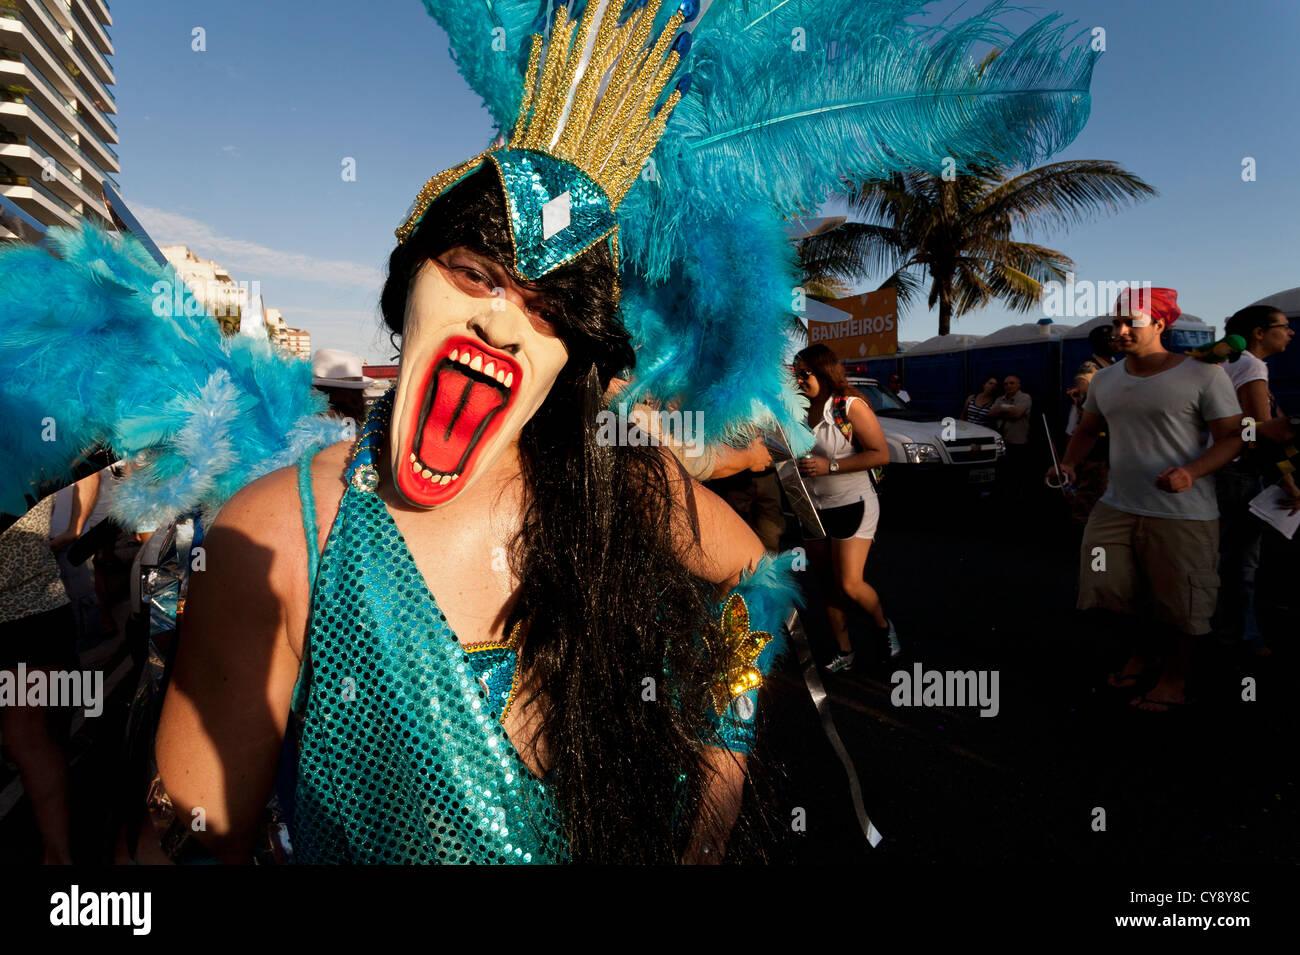 Banda de Ipanema Street Carnival Rio de Janeiro Brazil Stock Photo